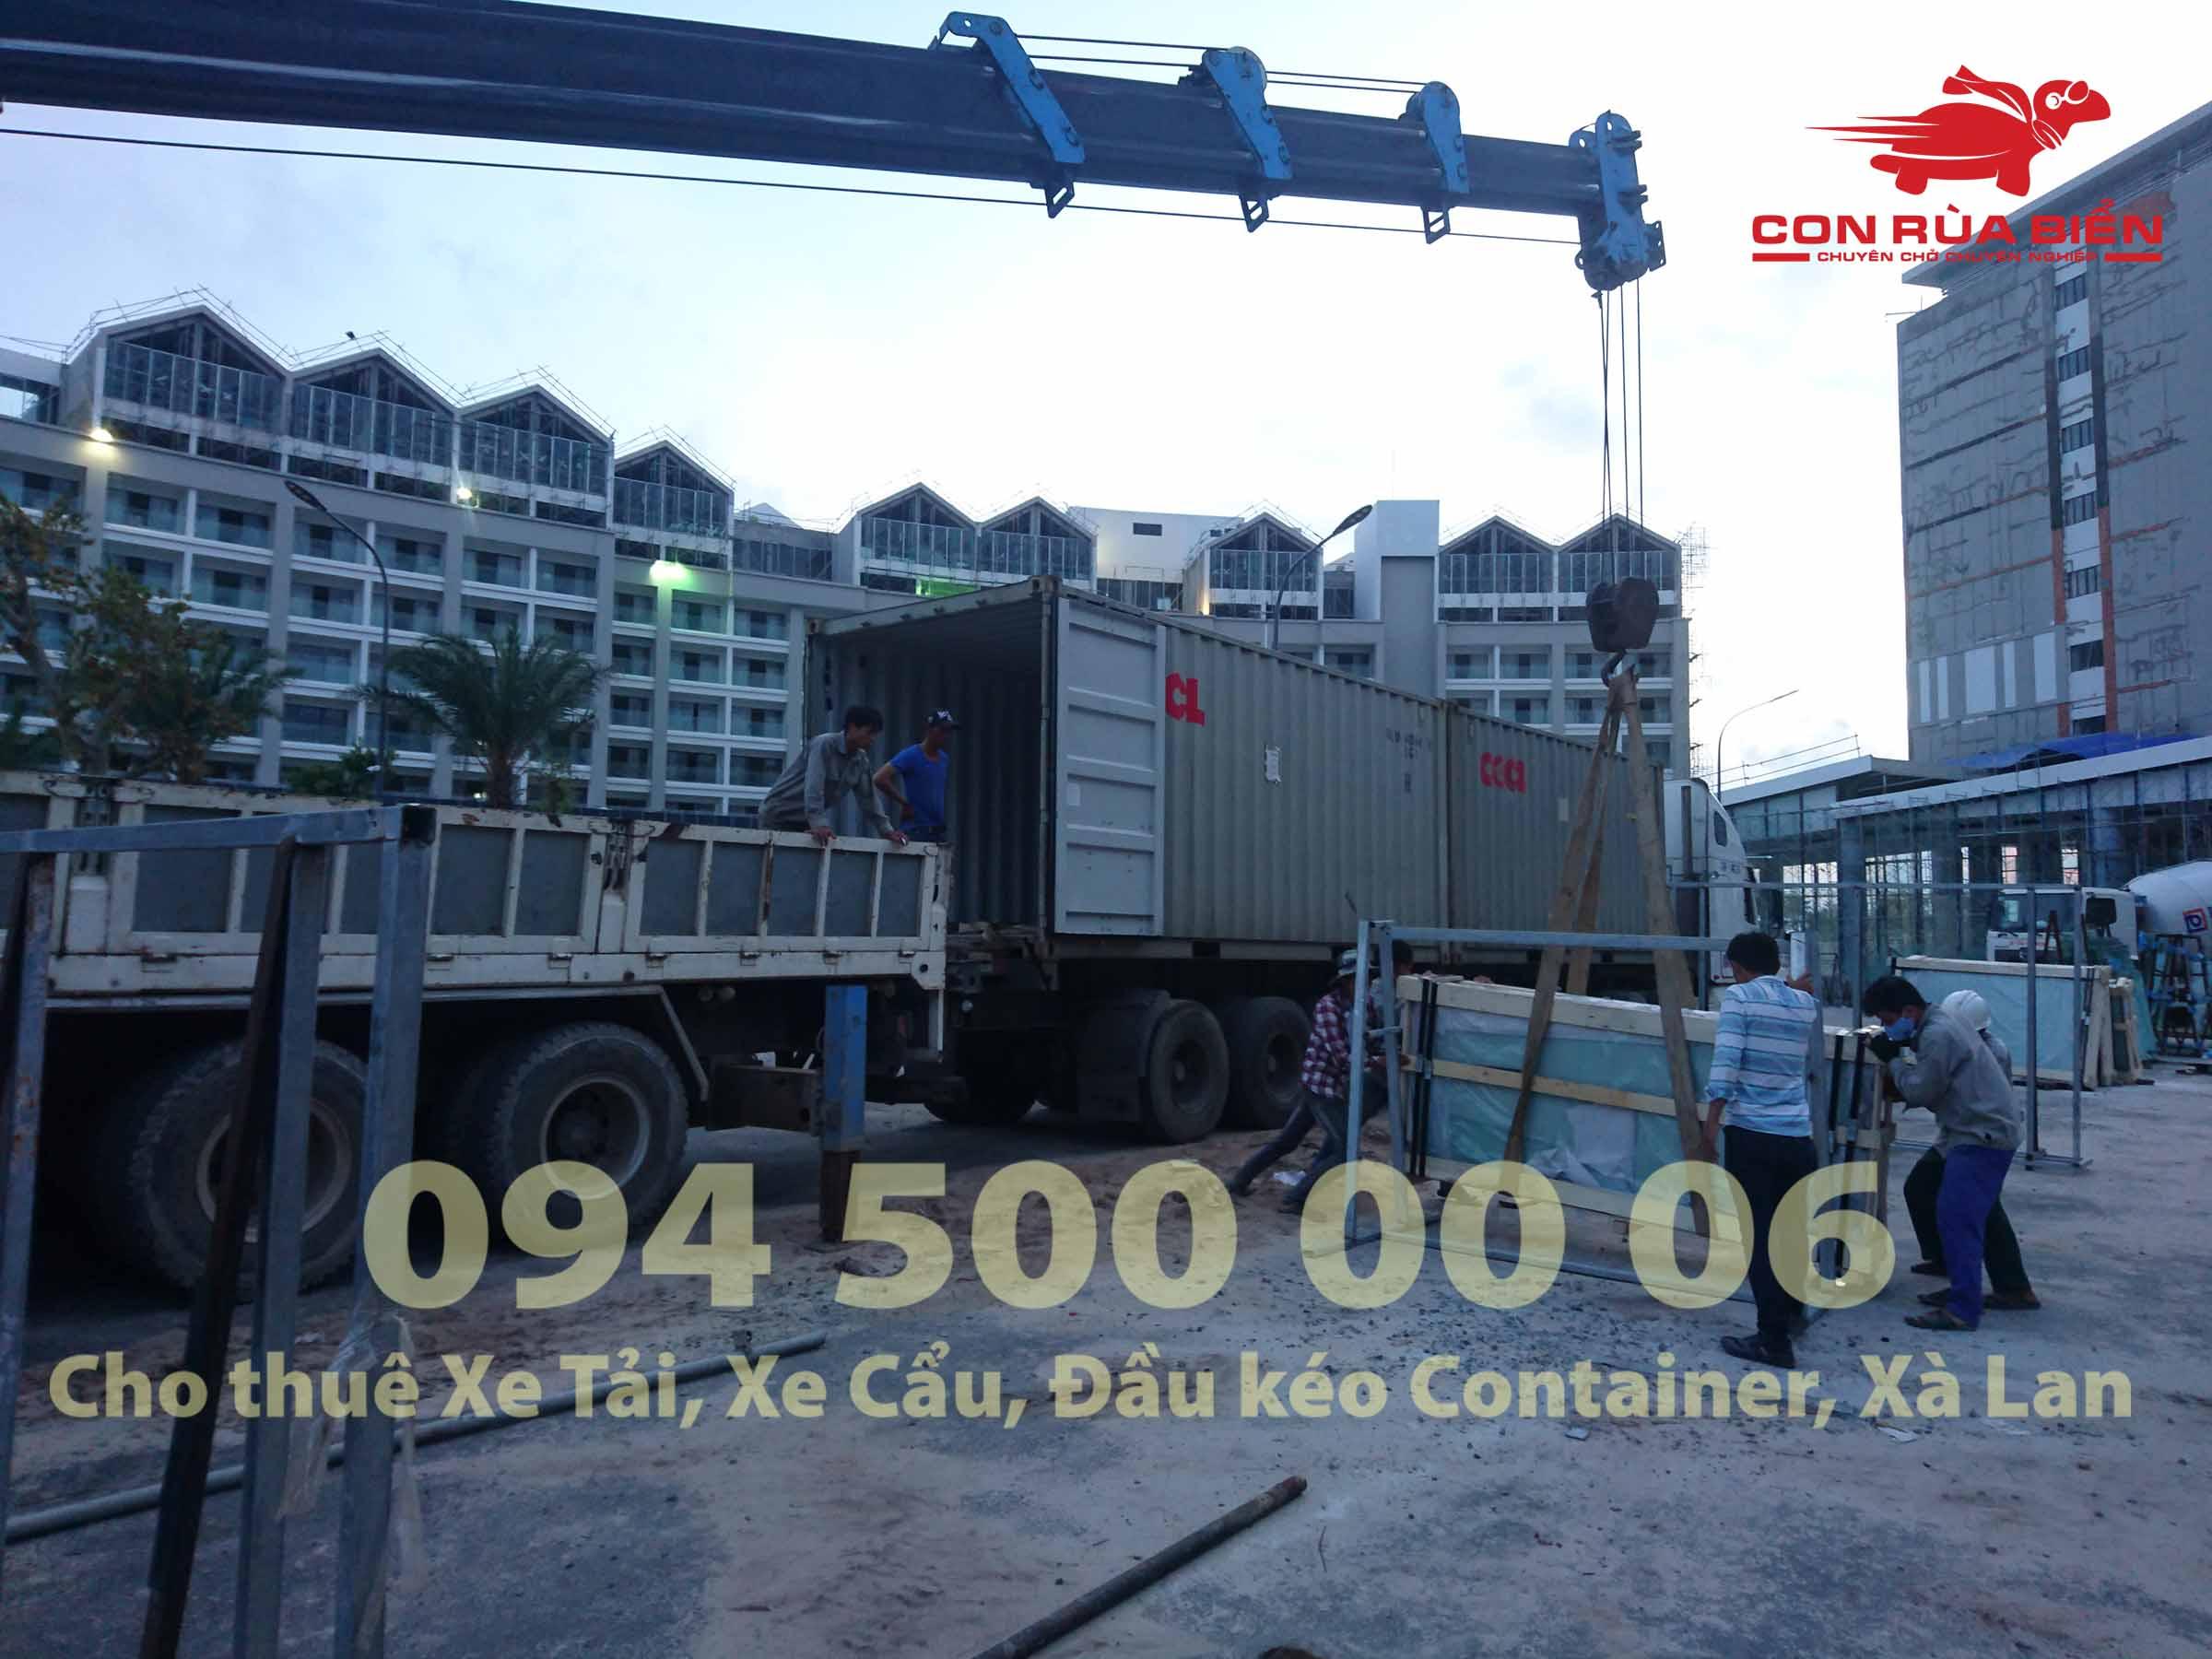 Con Rùa Biển là Chành xe Hà Nội Sài Gòn Phú Quốc chạy chuyên tuyến nhận Vận chuyển XE Ô TÔ - XE CON đi Phú Quốc   0945000006